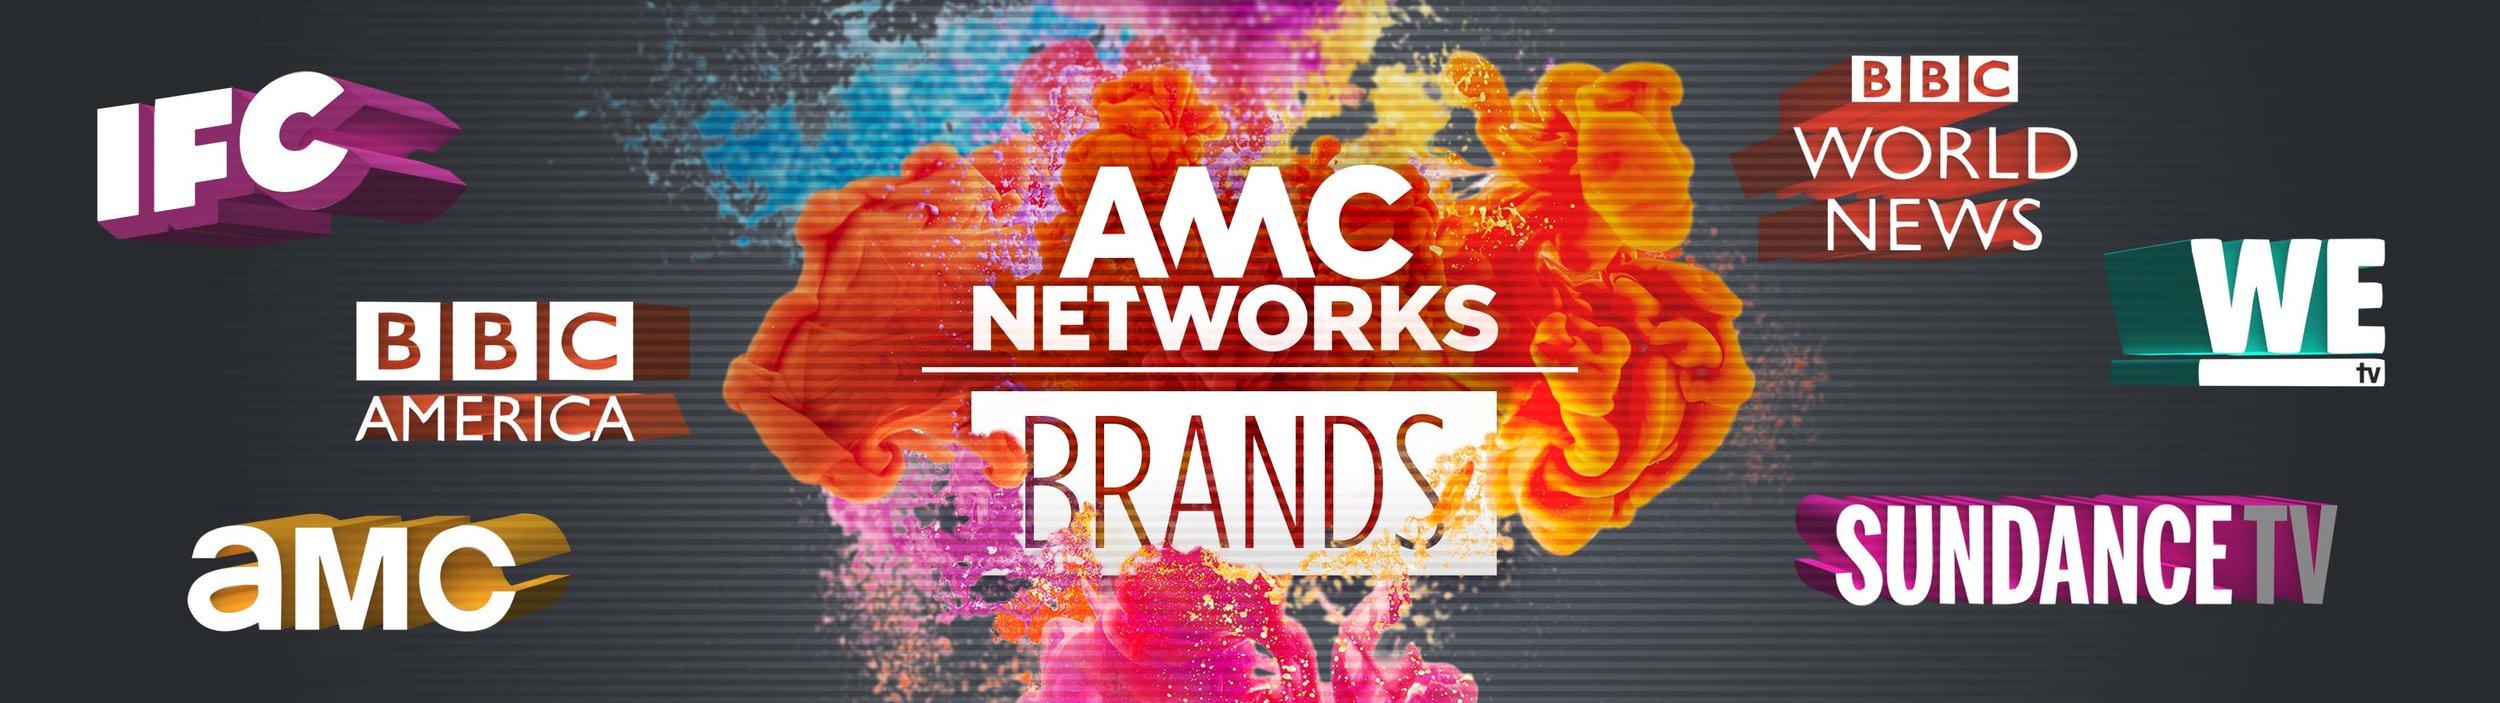 AMC_NETWORKS_BRANDS.jpg